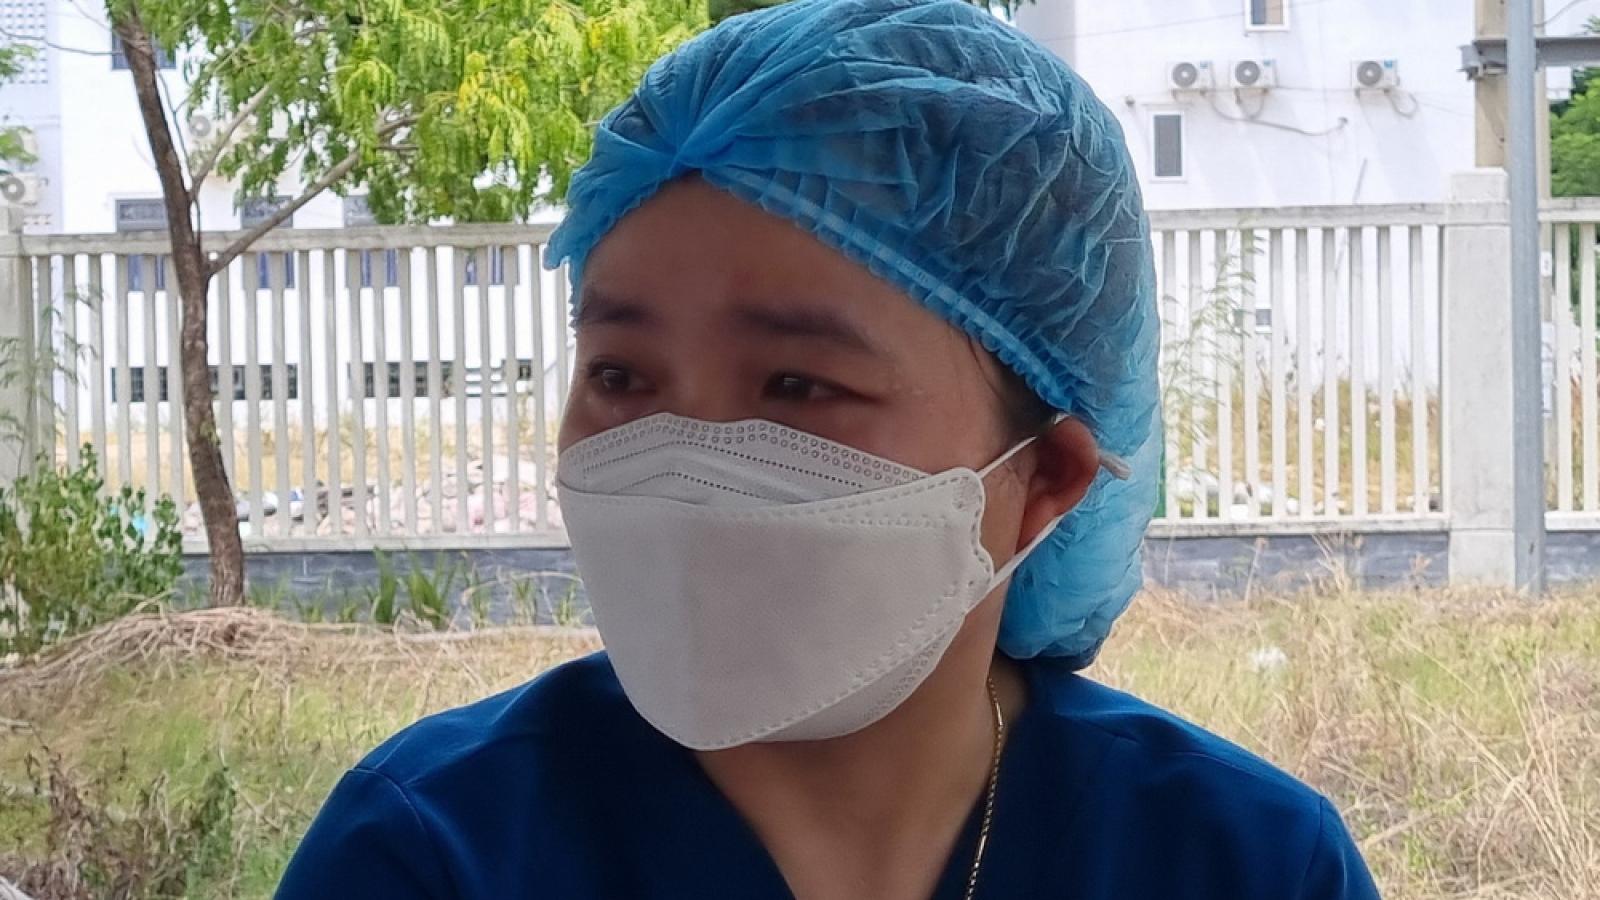 Giáng chức Phó Chánh Văn phòng tát nữ nhân viên y tế